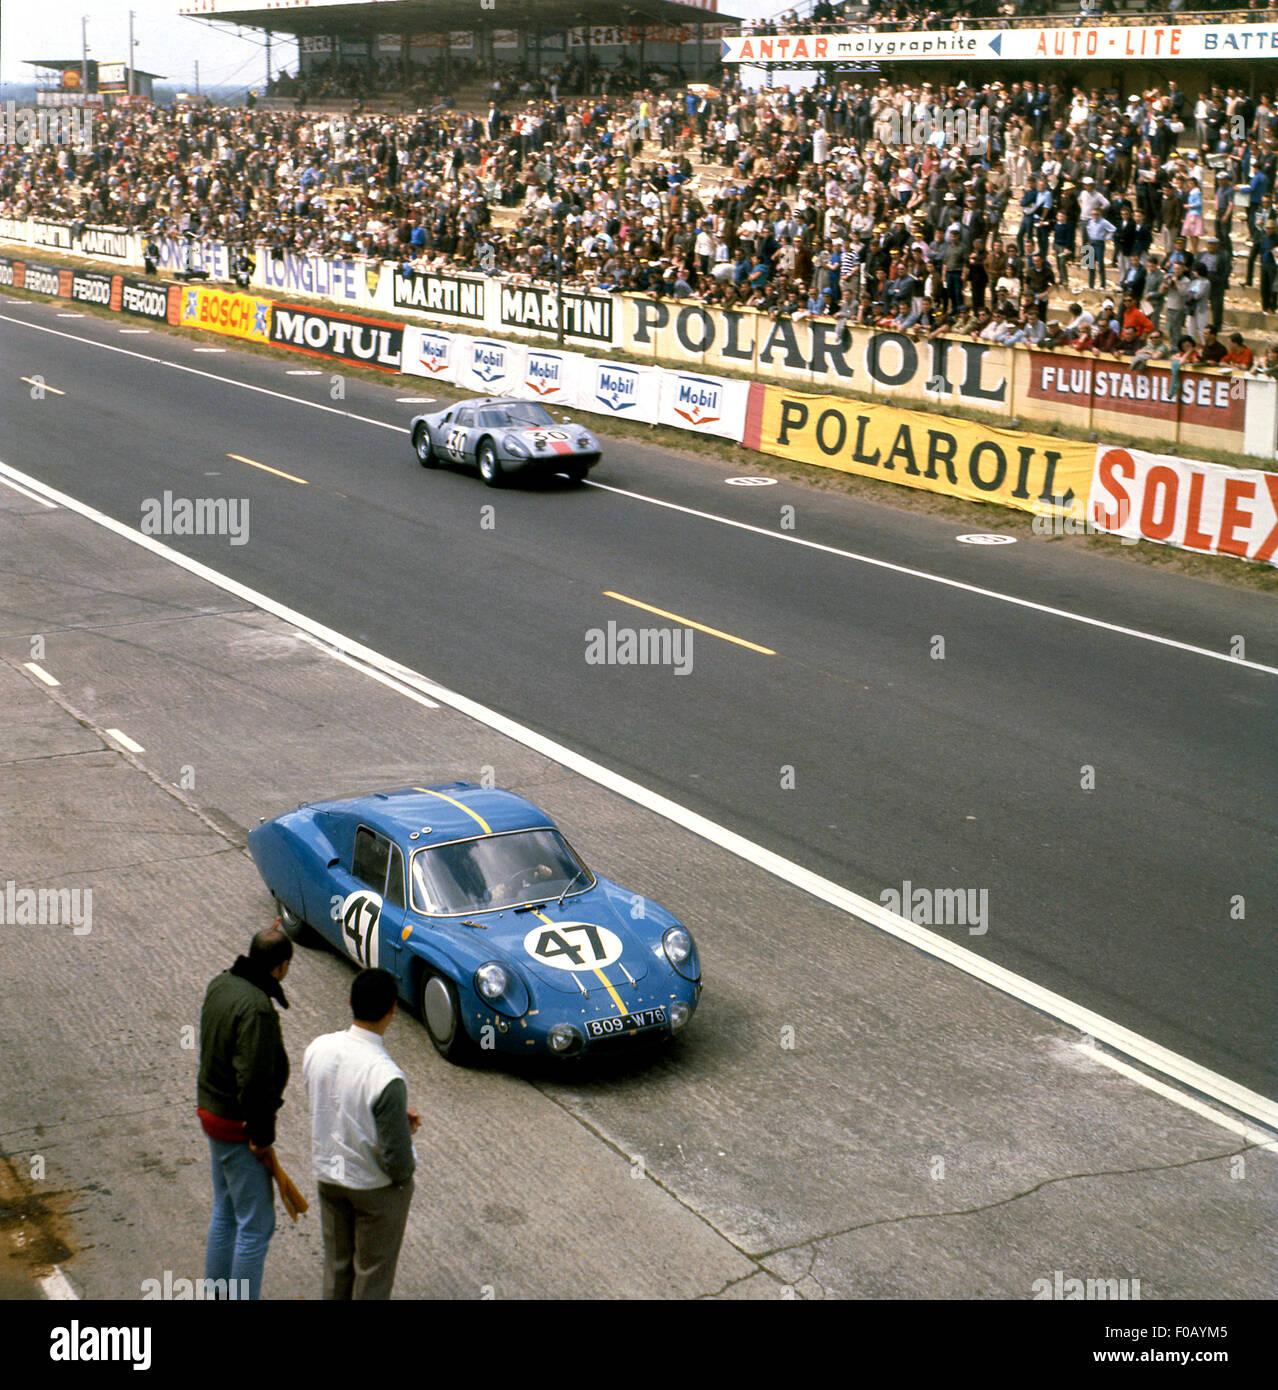 Le Mans 24 Hours 1964 No 47 Mauro Bianchi Jean Vinatier